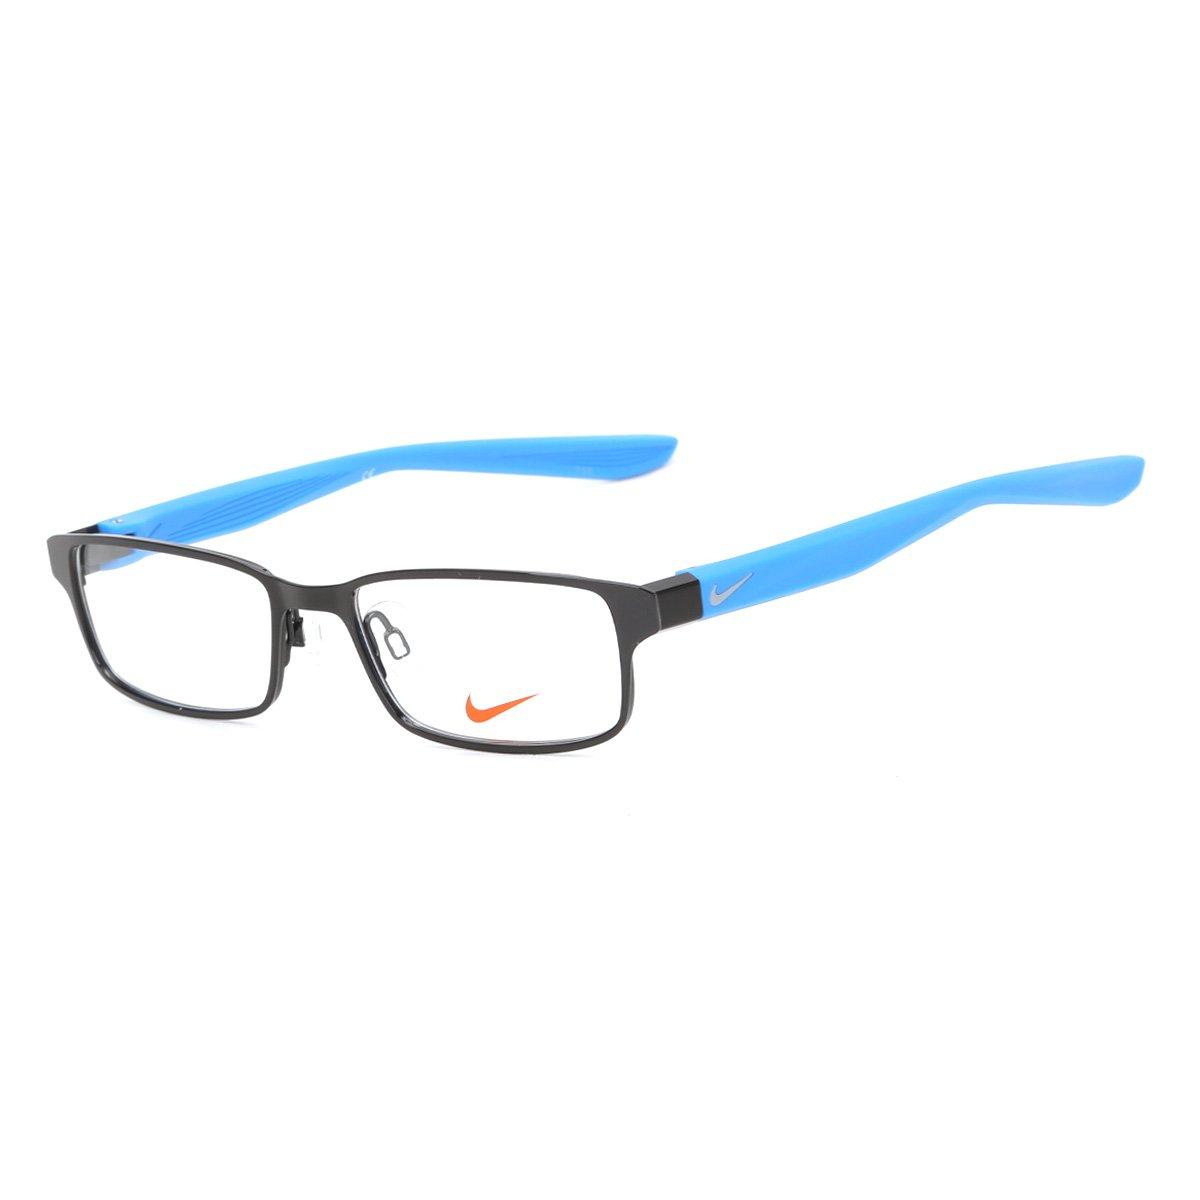 Óculos Juvenil Nike 5576 002